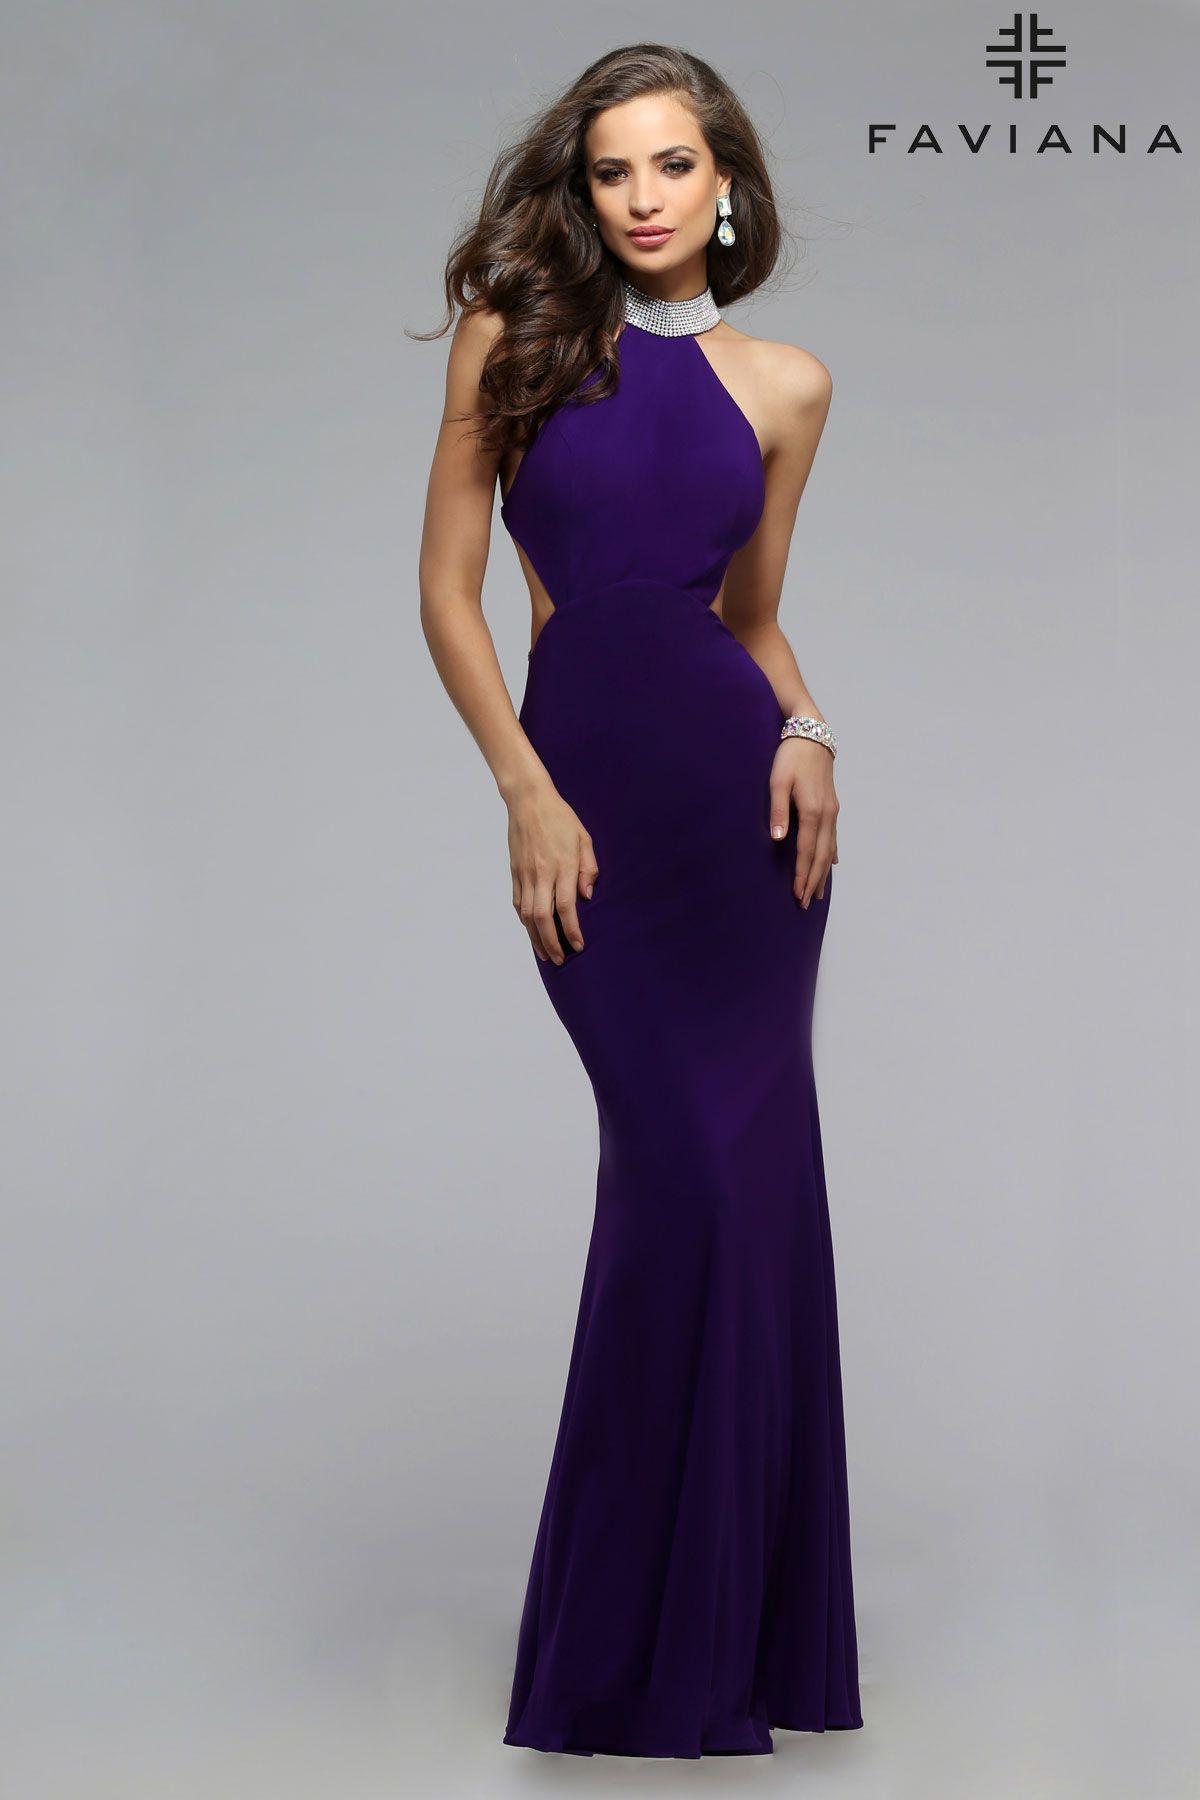 Chiffon jewel neck #Faviana Style 7700 #PromDresses